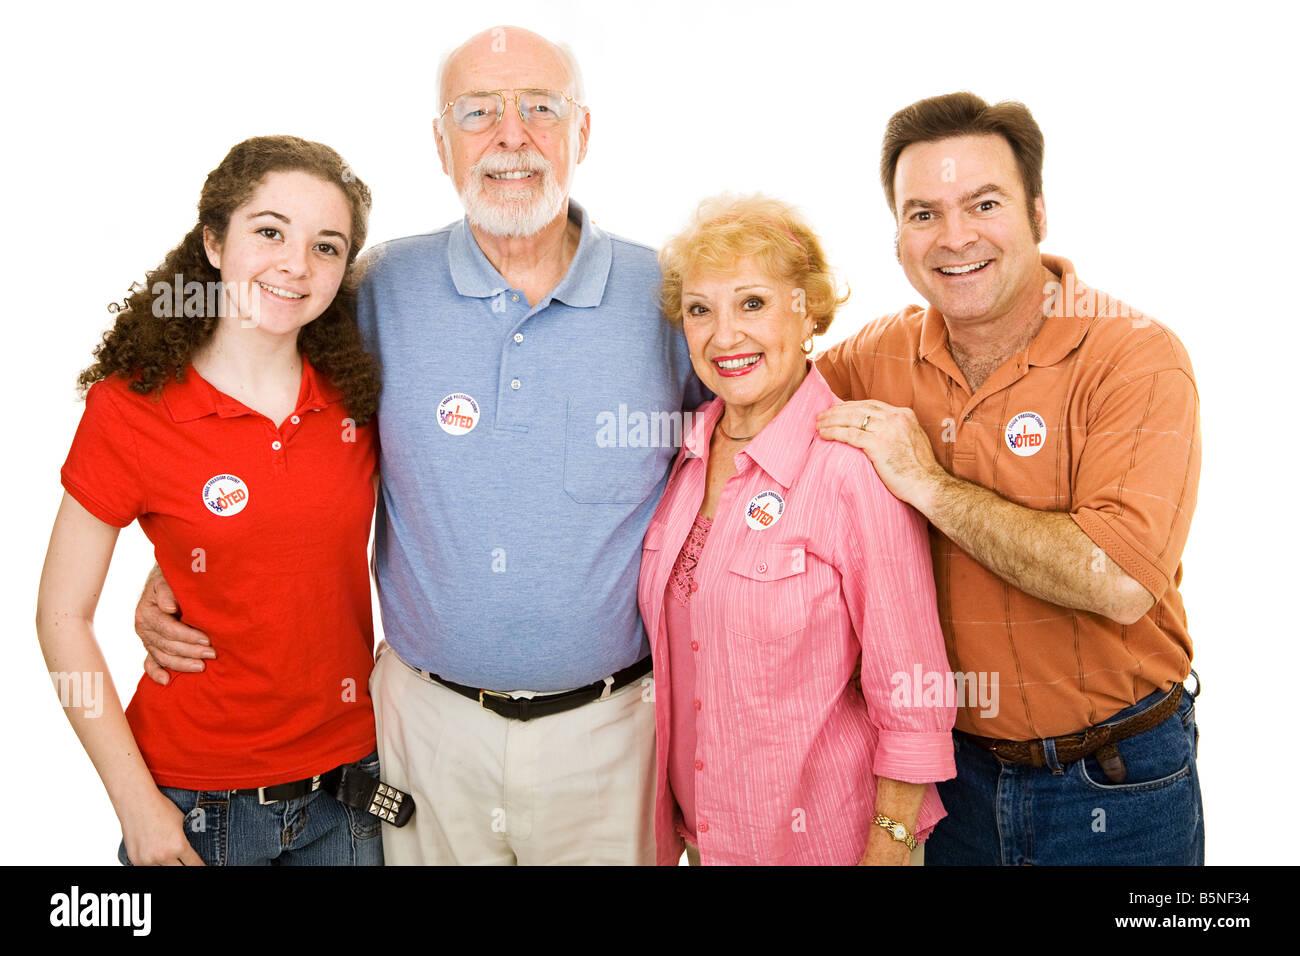 Familie der amerikanischen Wähler bis im Alter von Teen bis senior isoliert auf weiß ich Voted Aufkleber sind allgemein Stockfoto